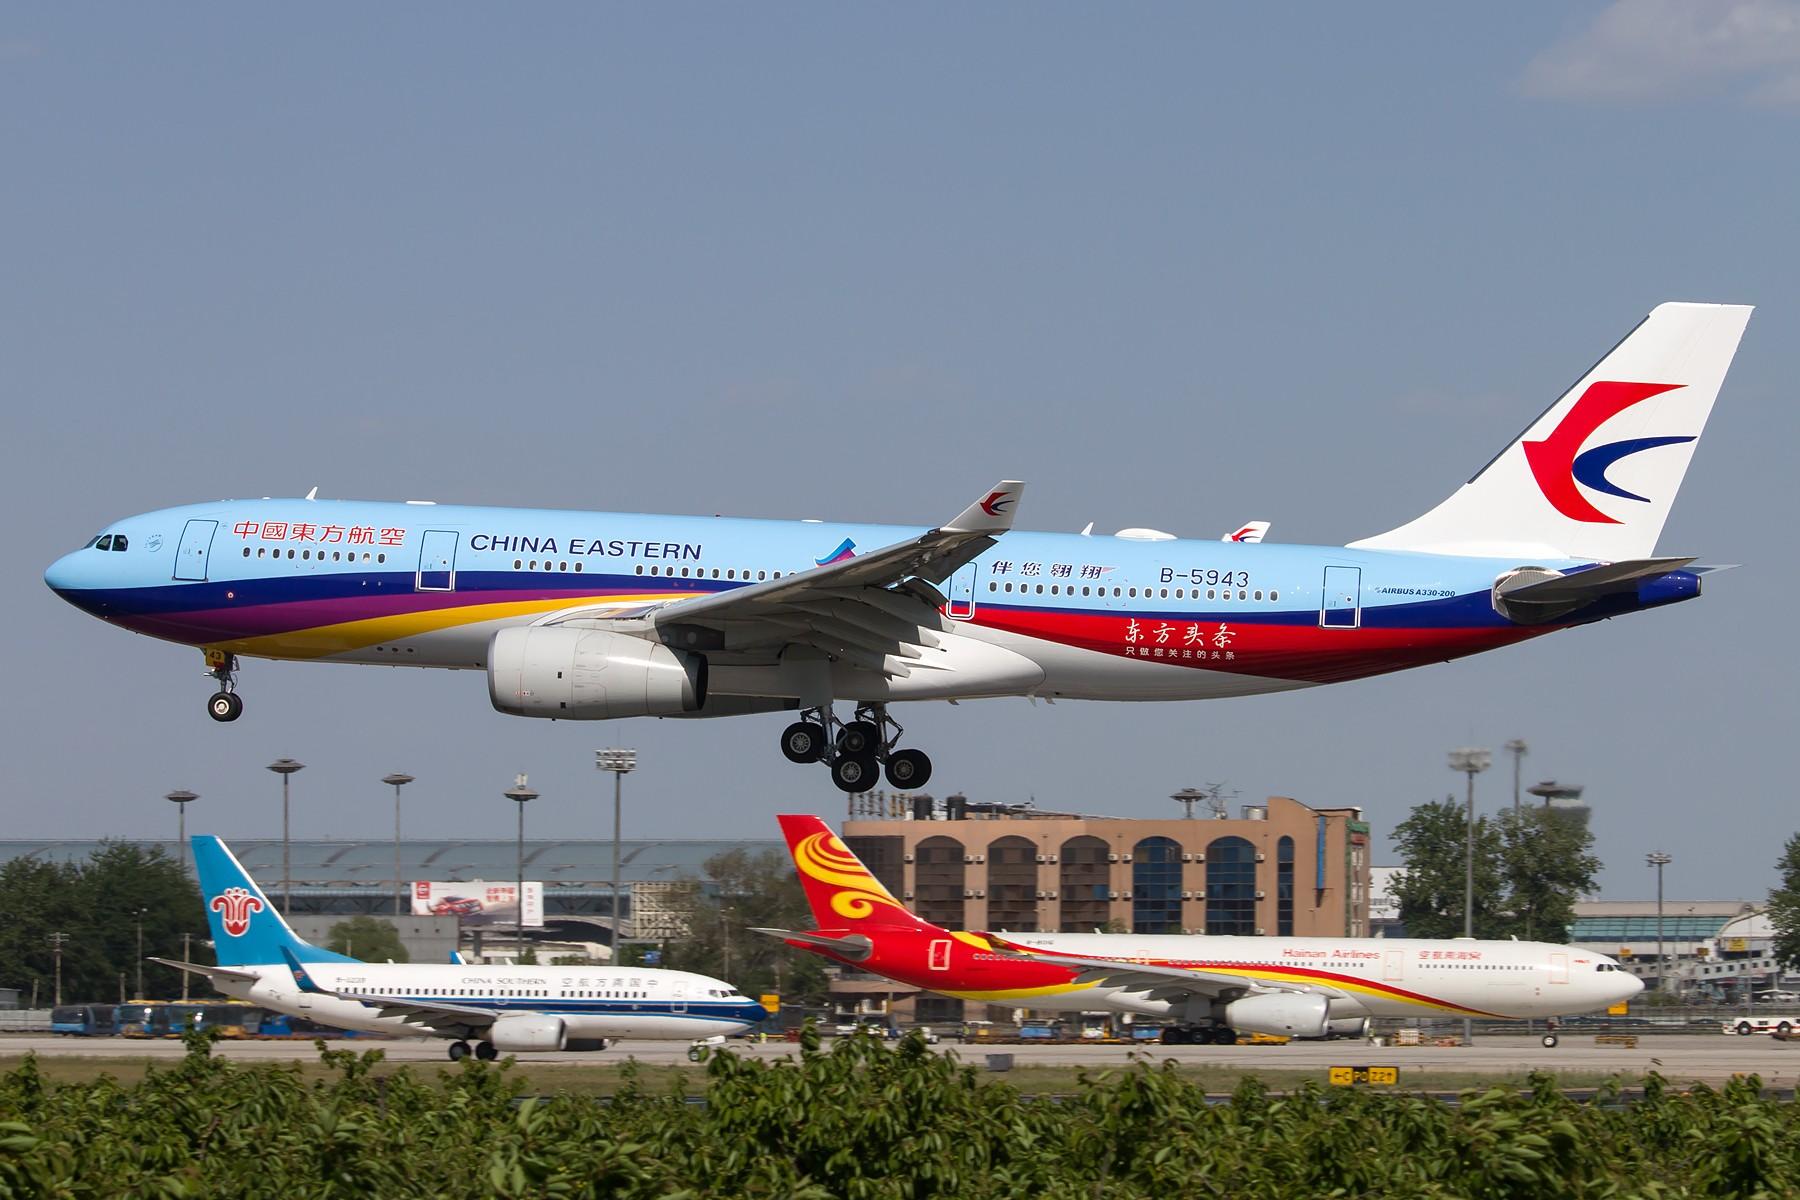 """[原创][一图党] 中国东方航空 B-5943 A330-200 """"东方网""""彩绘 1800*1200 AIRBUS A330-200 B-5943 中国北京首都国际机场"""